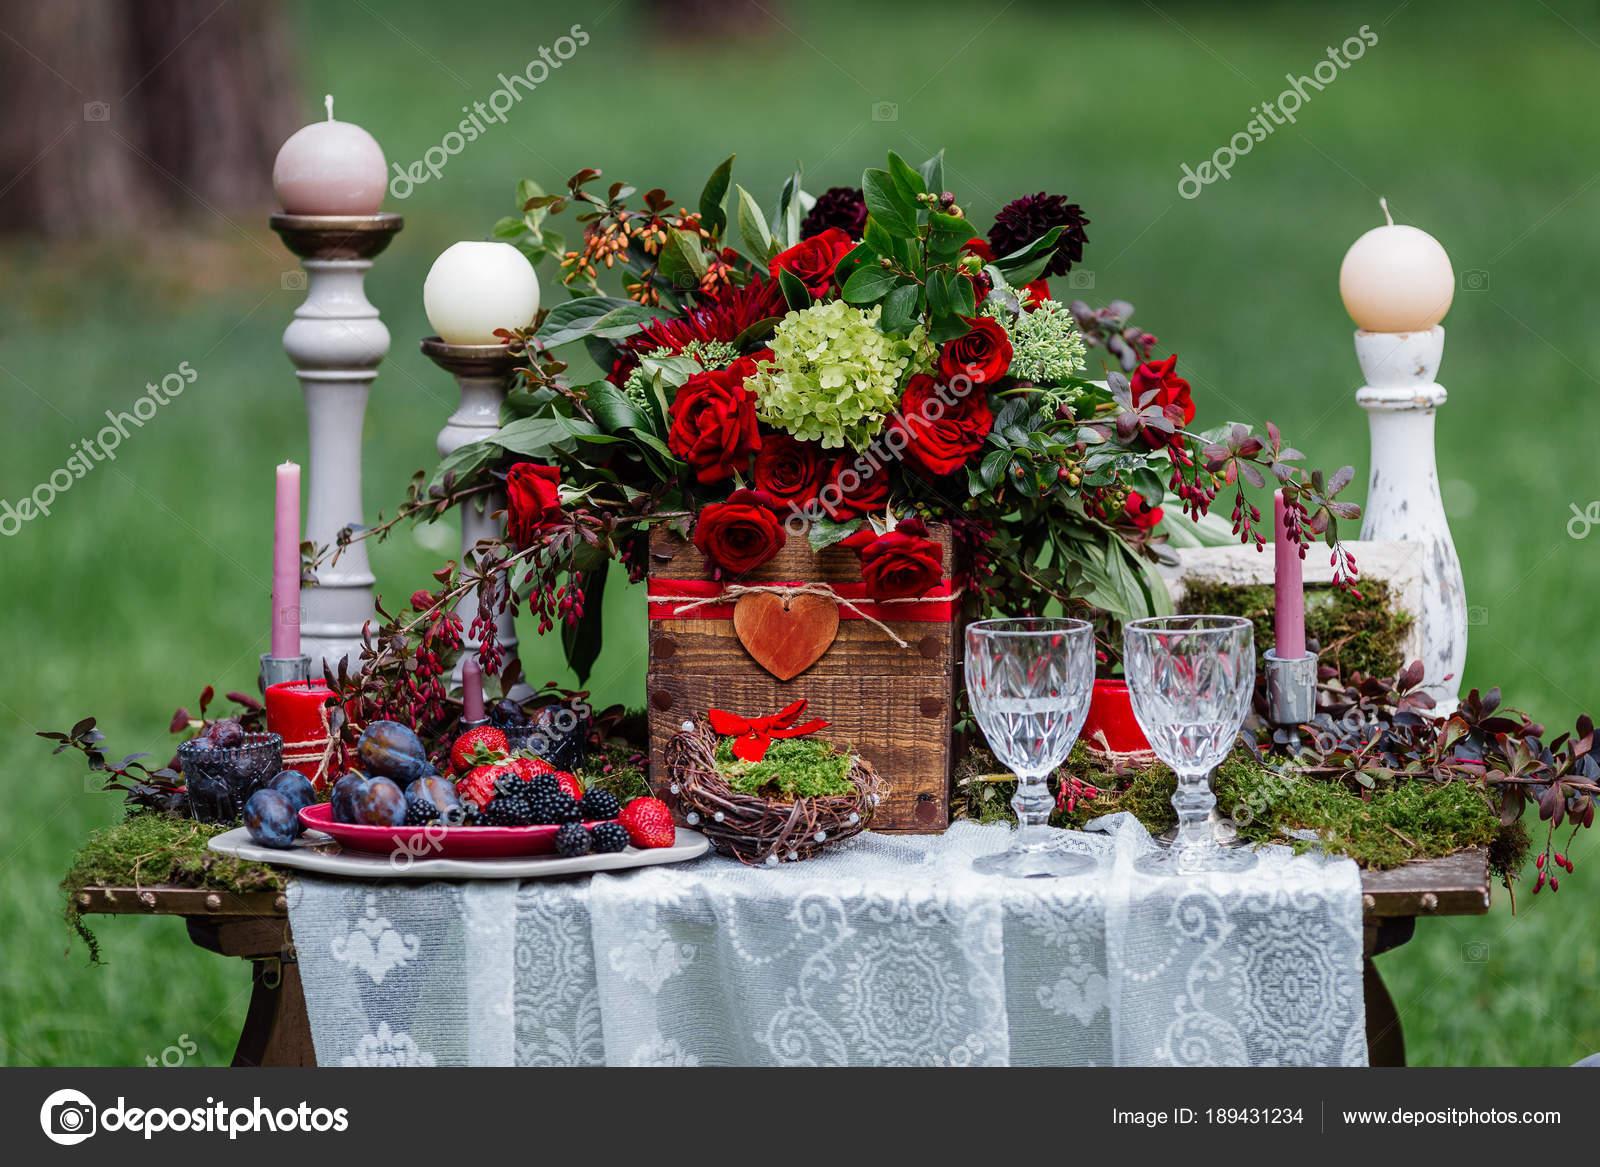 Hochzeit Tischdekoration Stuhle Und Kerzen Blumen Keramisches